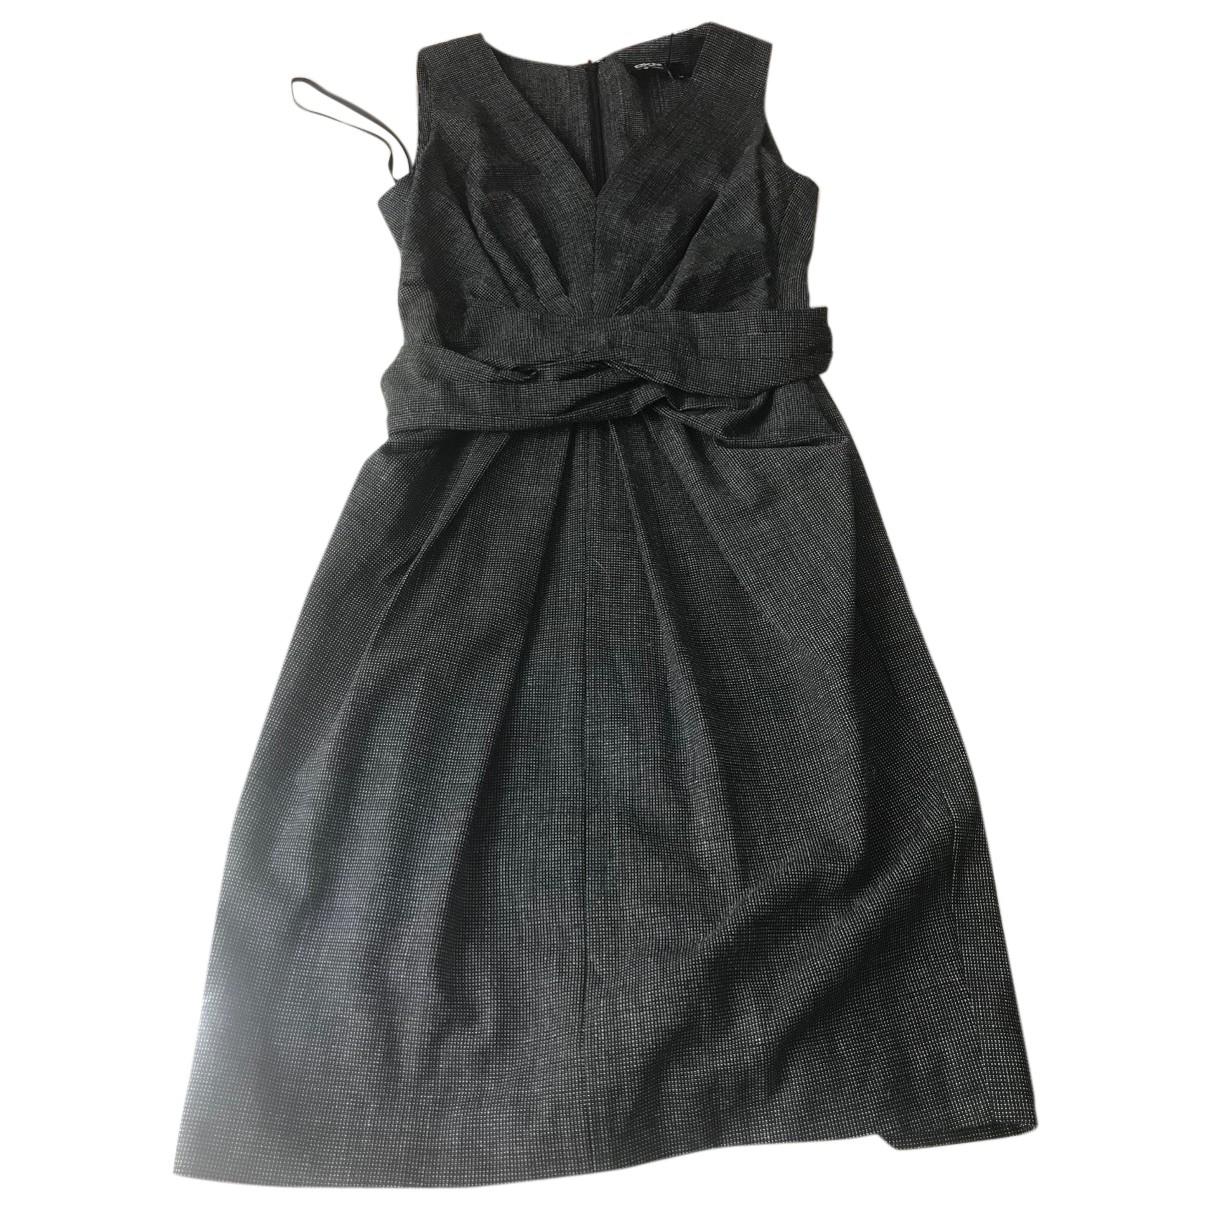 Dkny \N Kleid in  Schwarz Wolle